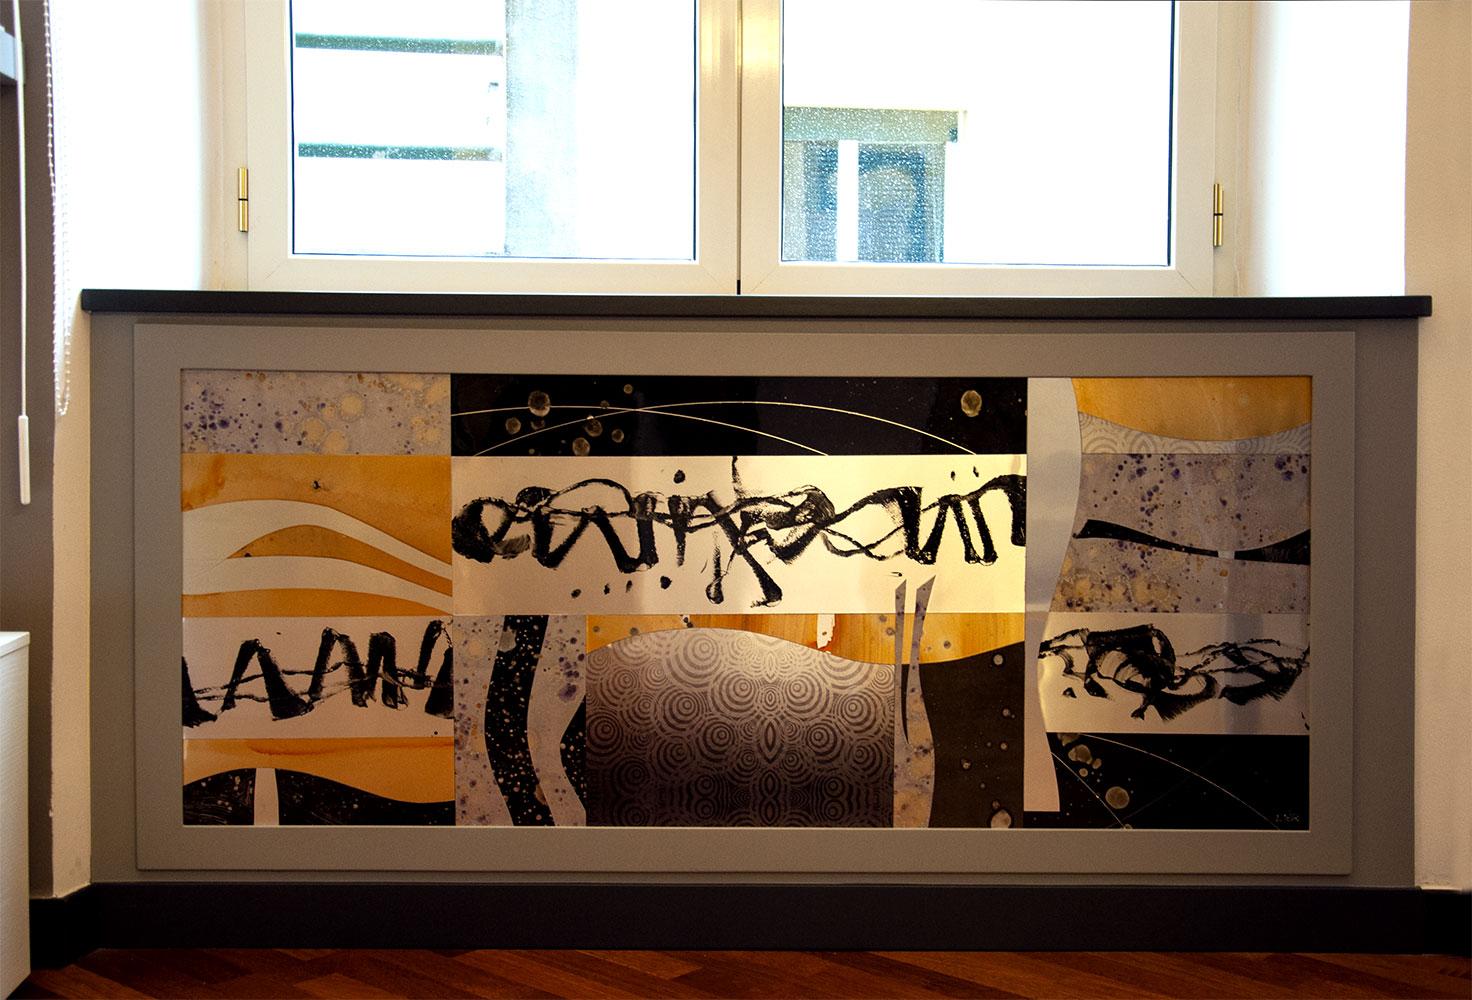 pannelli-decorativi-per-ambienti-privati-6